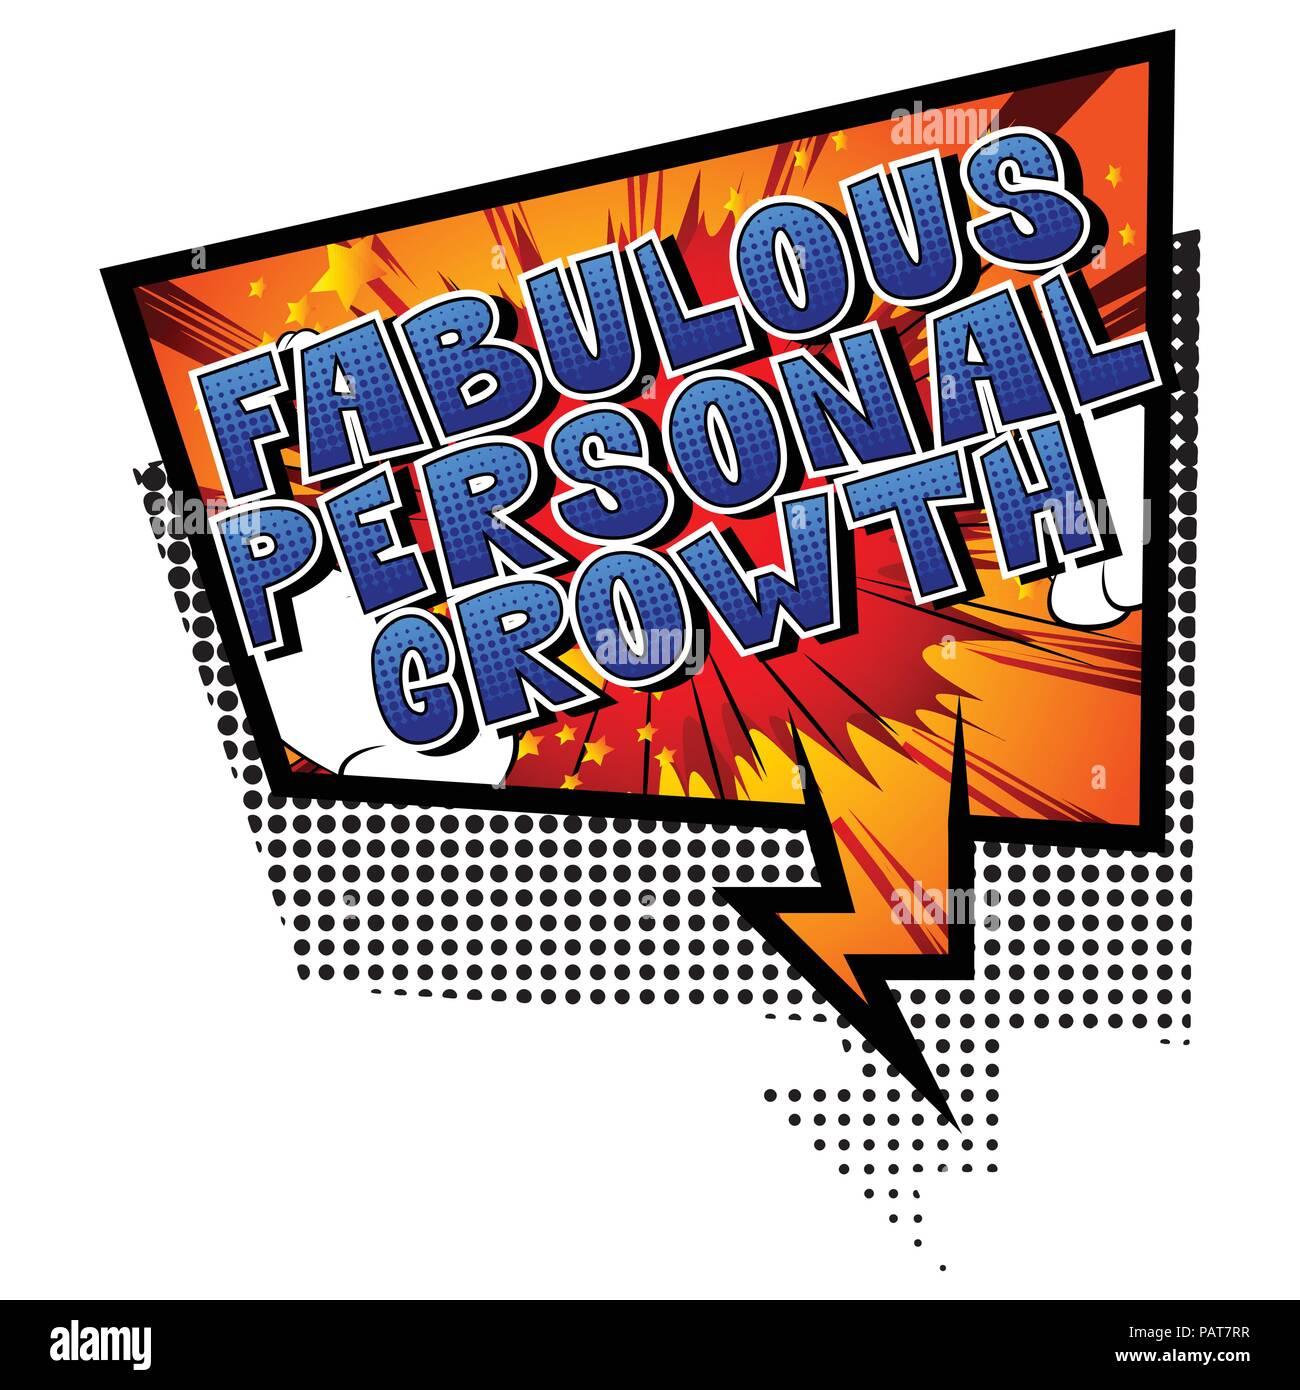 Fabuloso Crecimiento Personal - estilo cómic palabra sobre fondo abstracto. Imagen De Stock